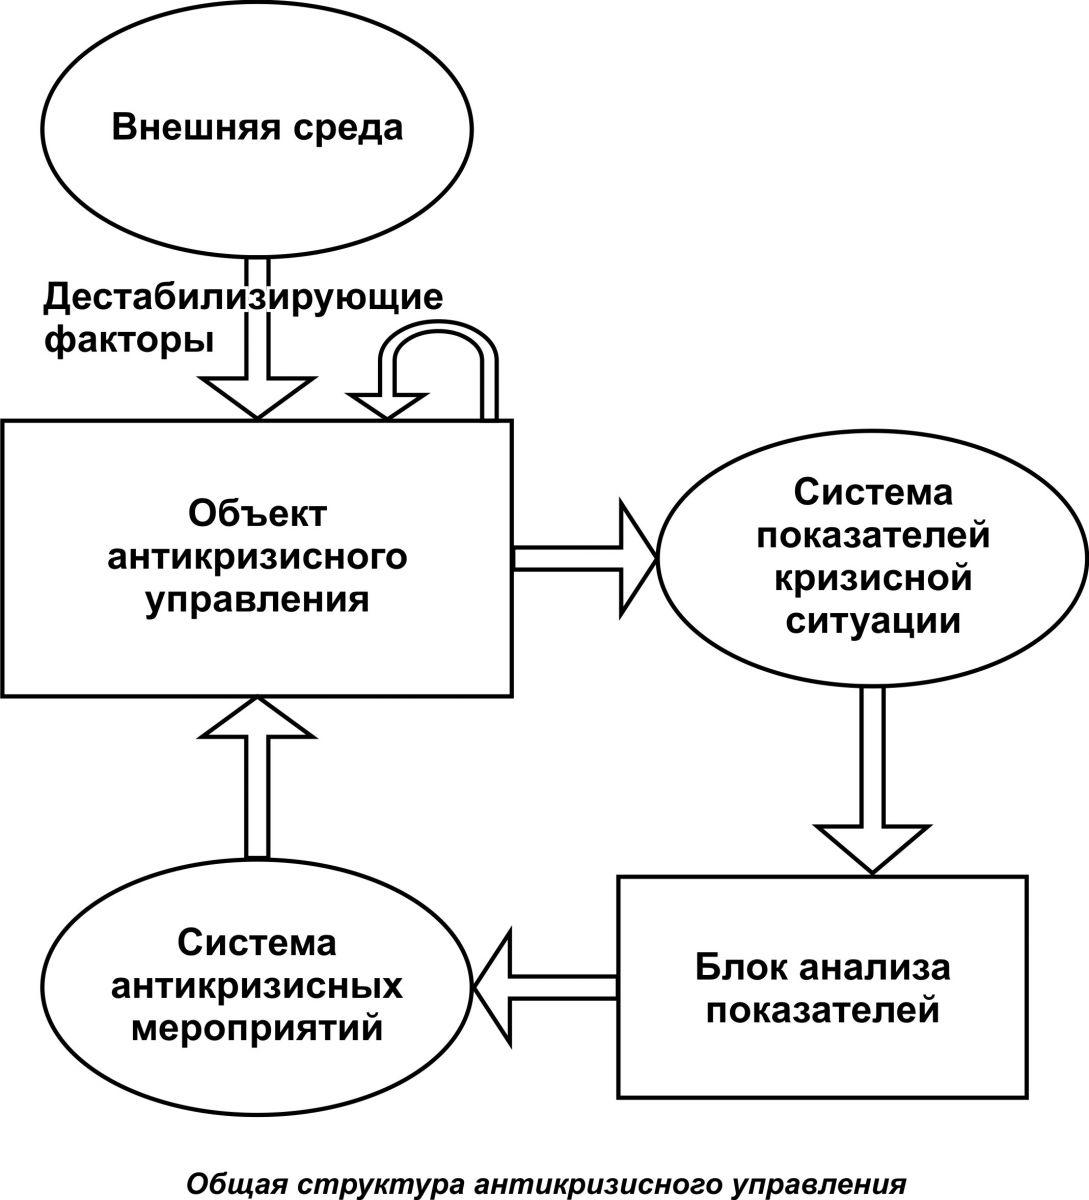 Схематический рисунок структура российского общества 16 века фото 65